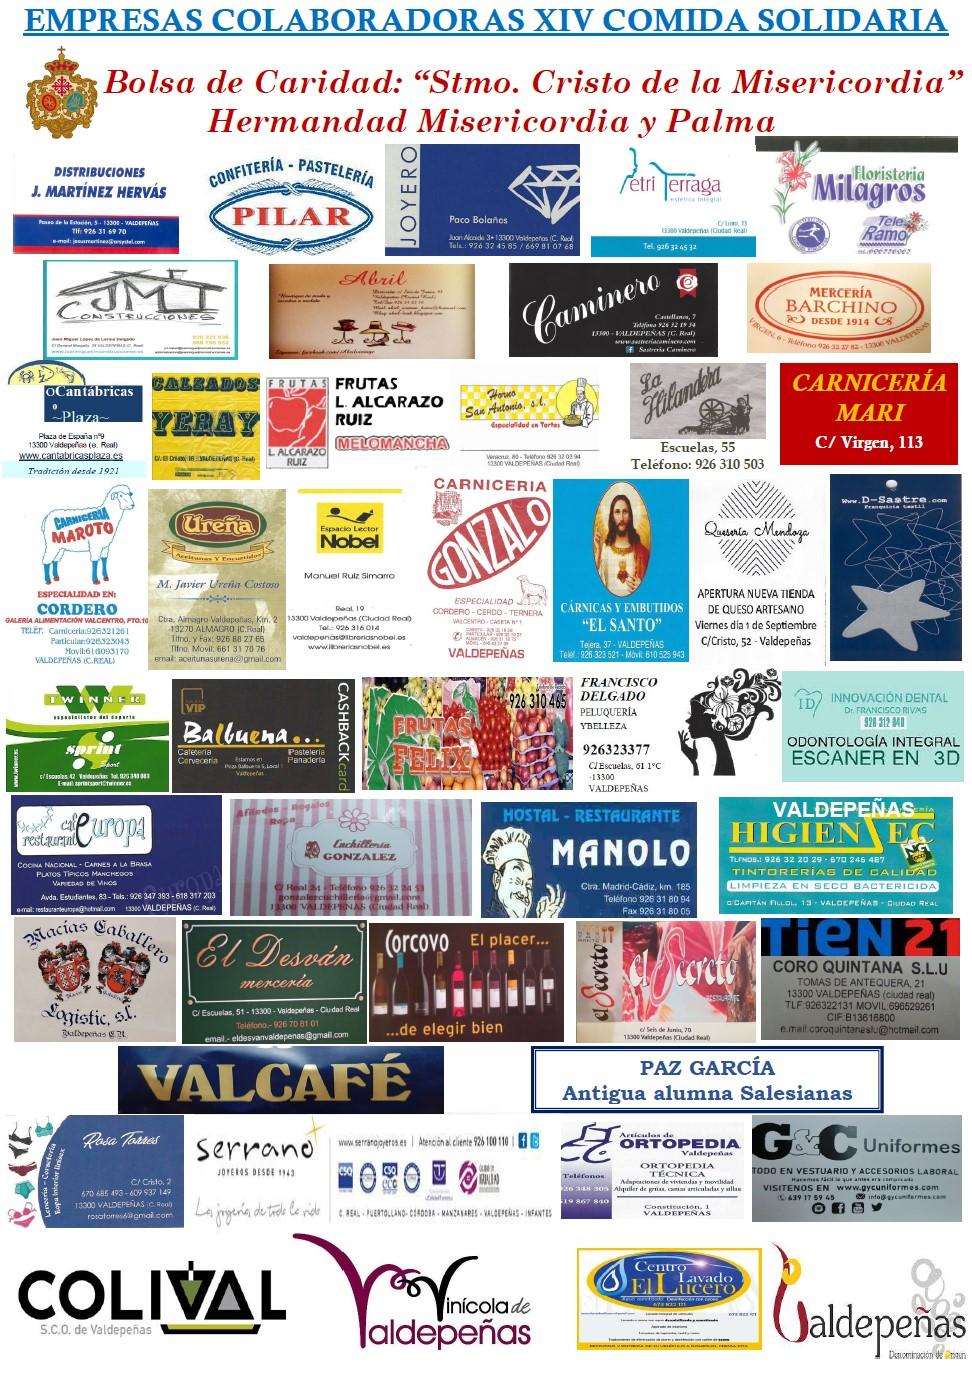 Empresas colaboradoras de la XIV Comida Solidaria